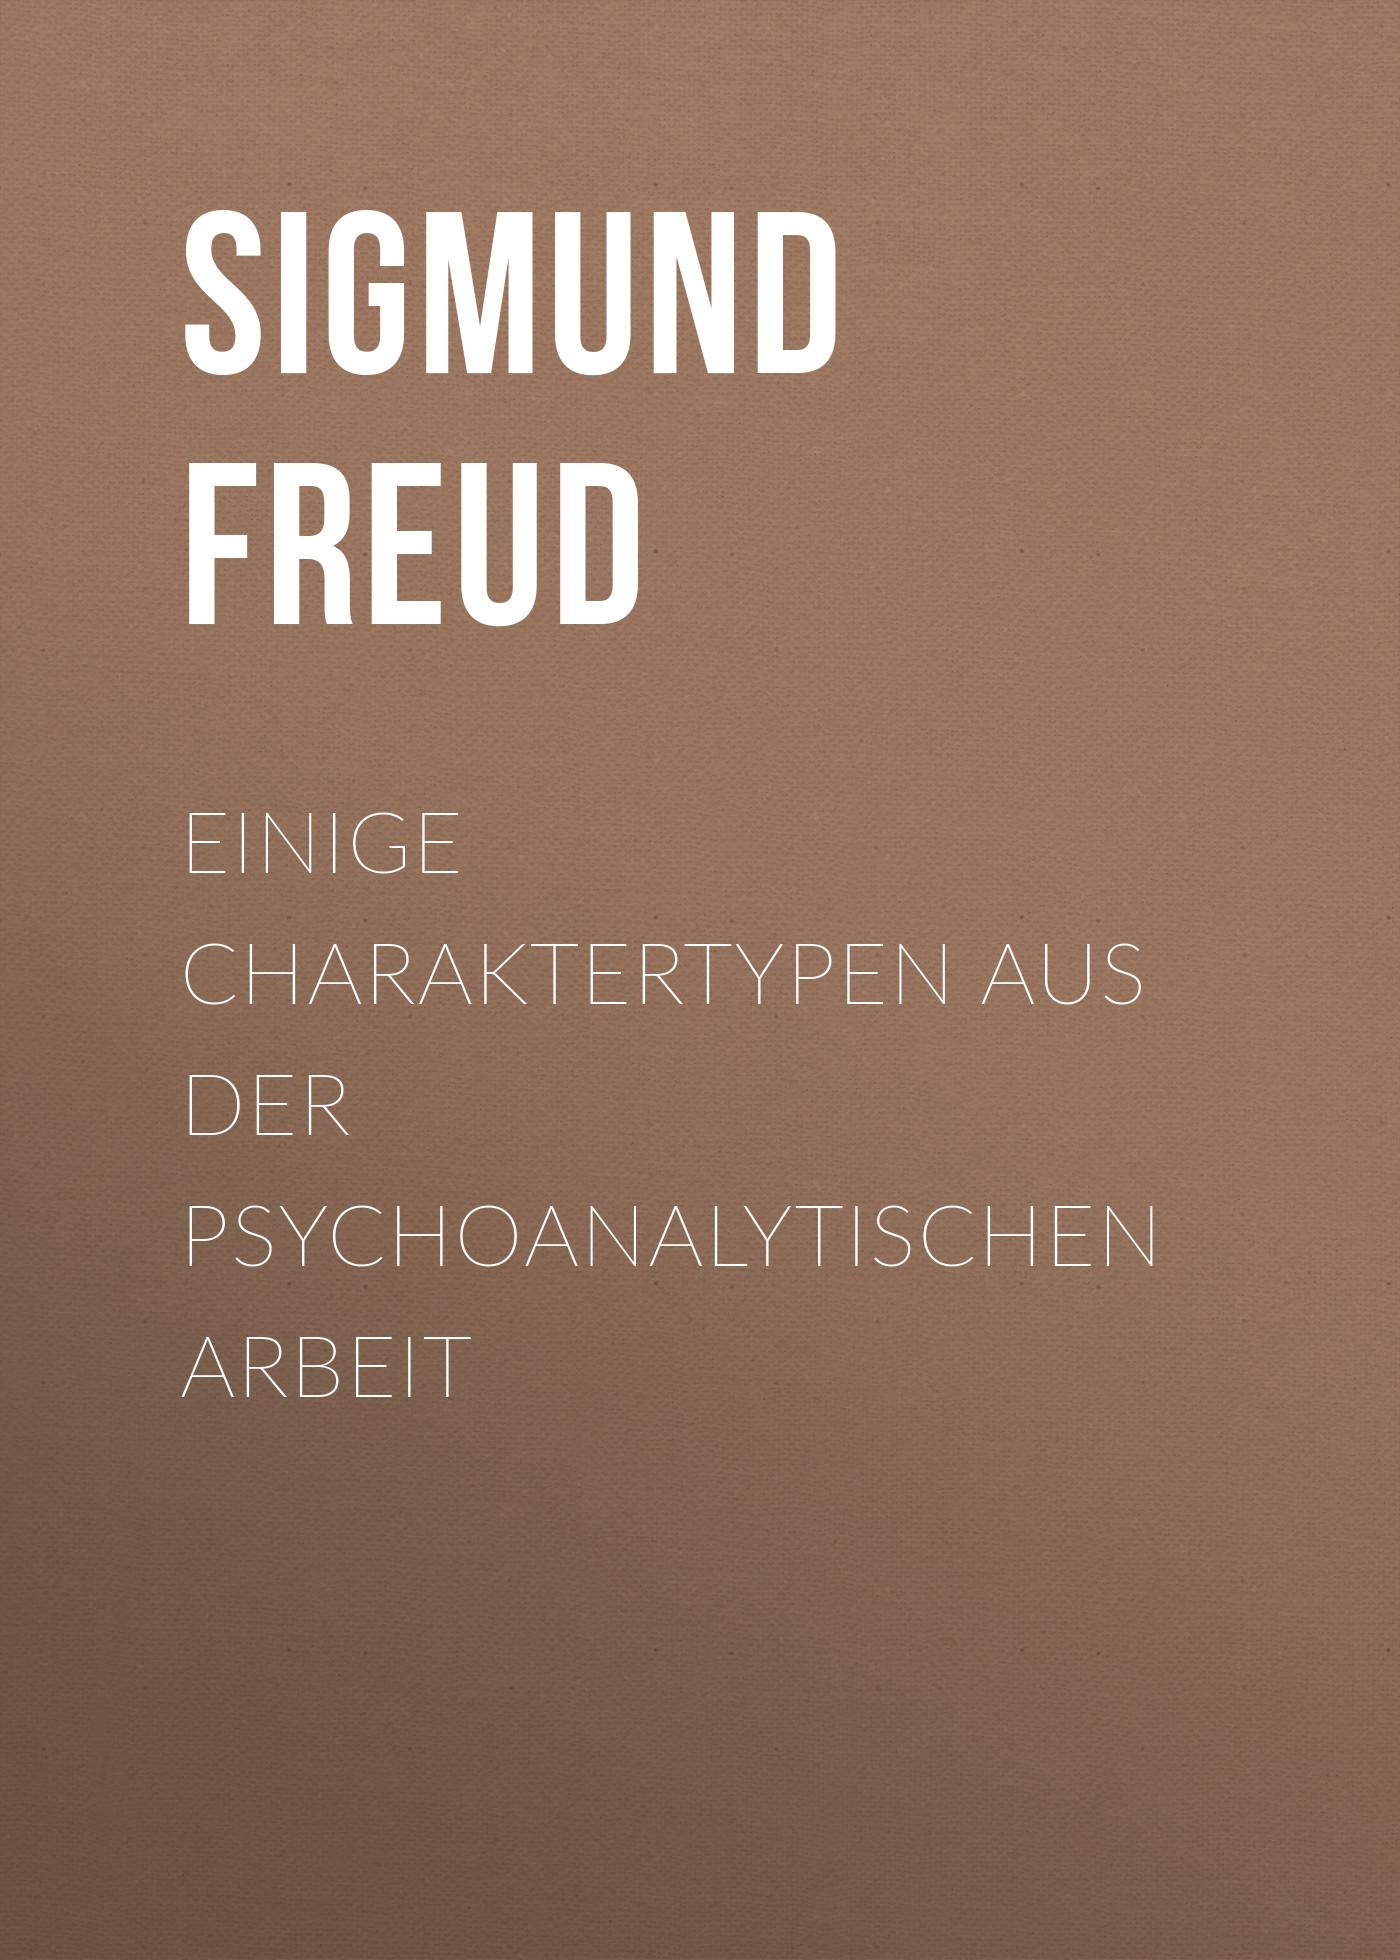 Зигмунд Фрейд Einige Charaktertypen aus der psychoanalytischen Arbeit сапоги quelle der spur 1013540